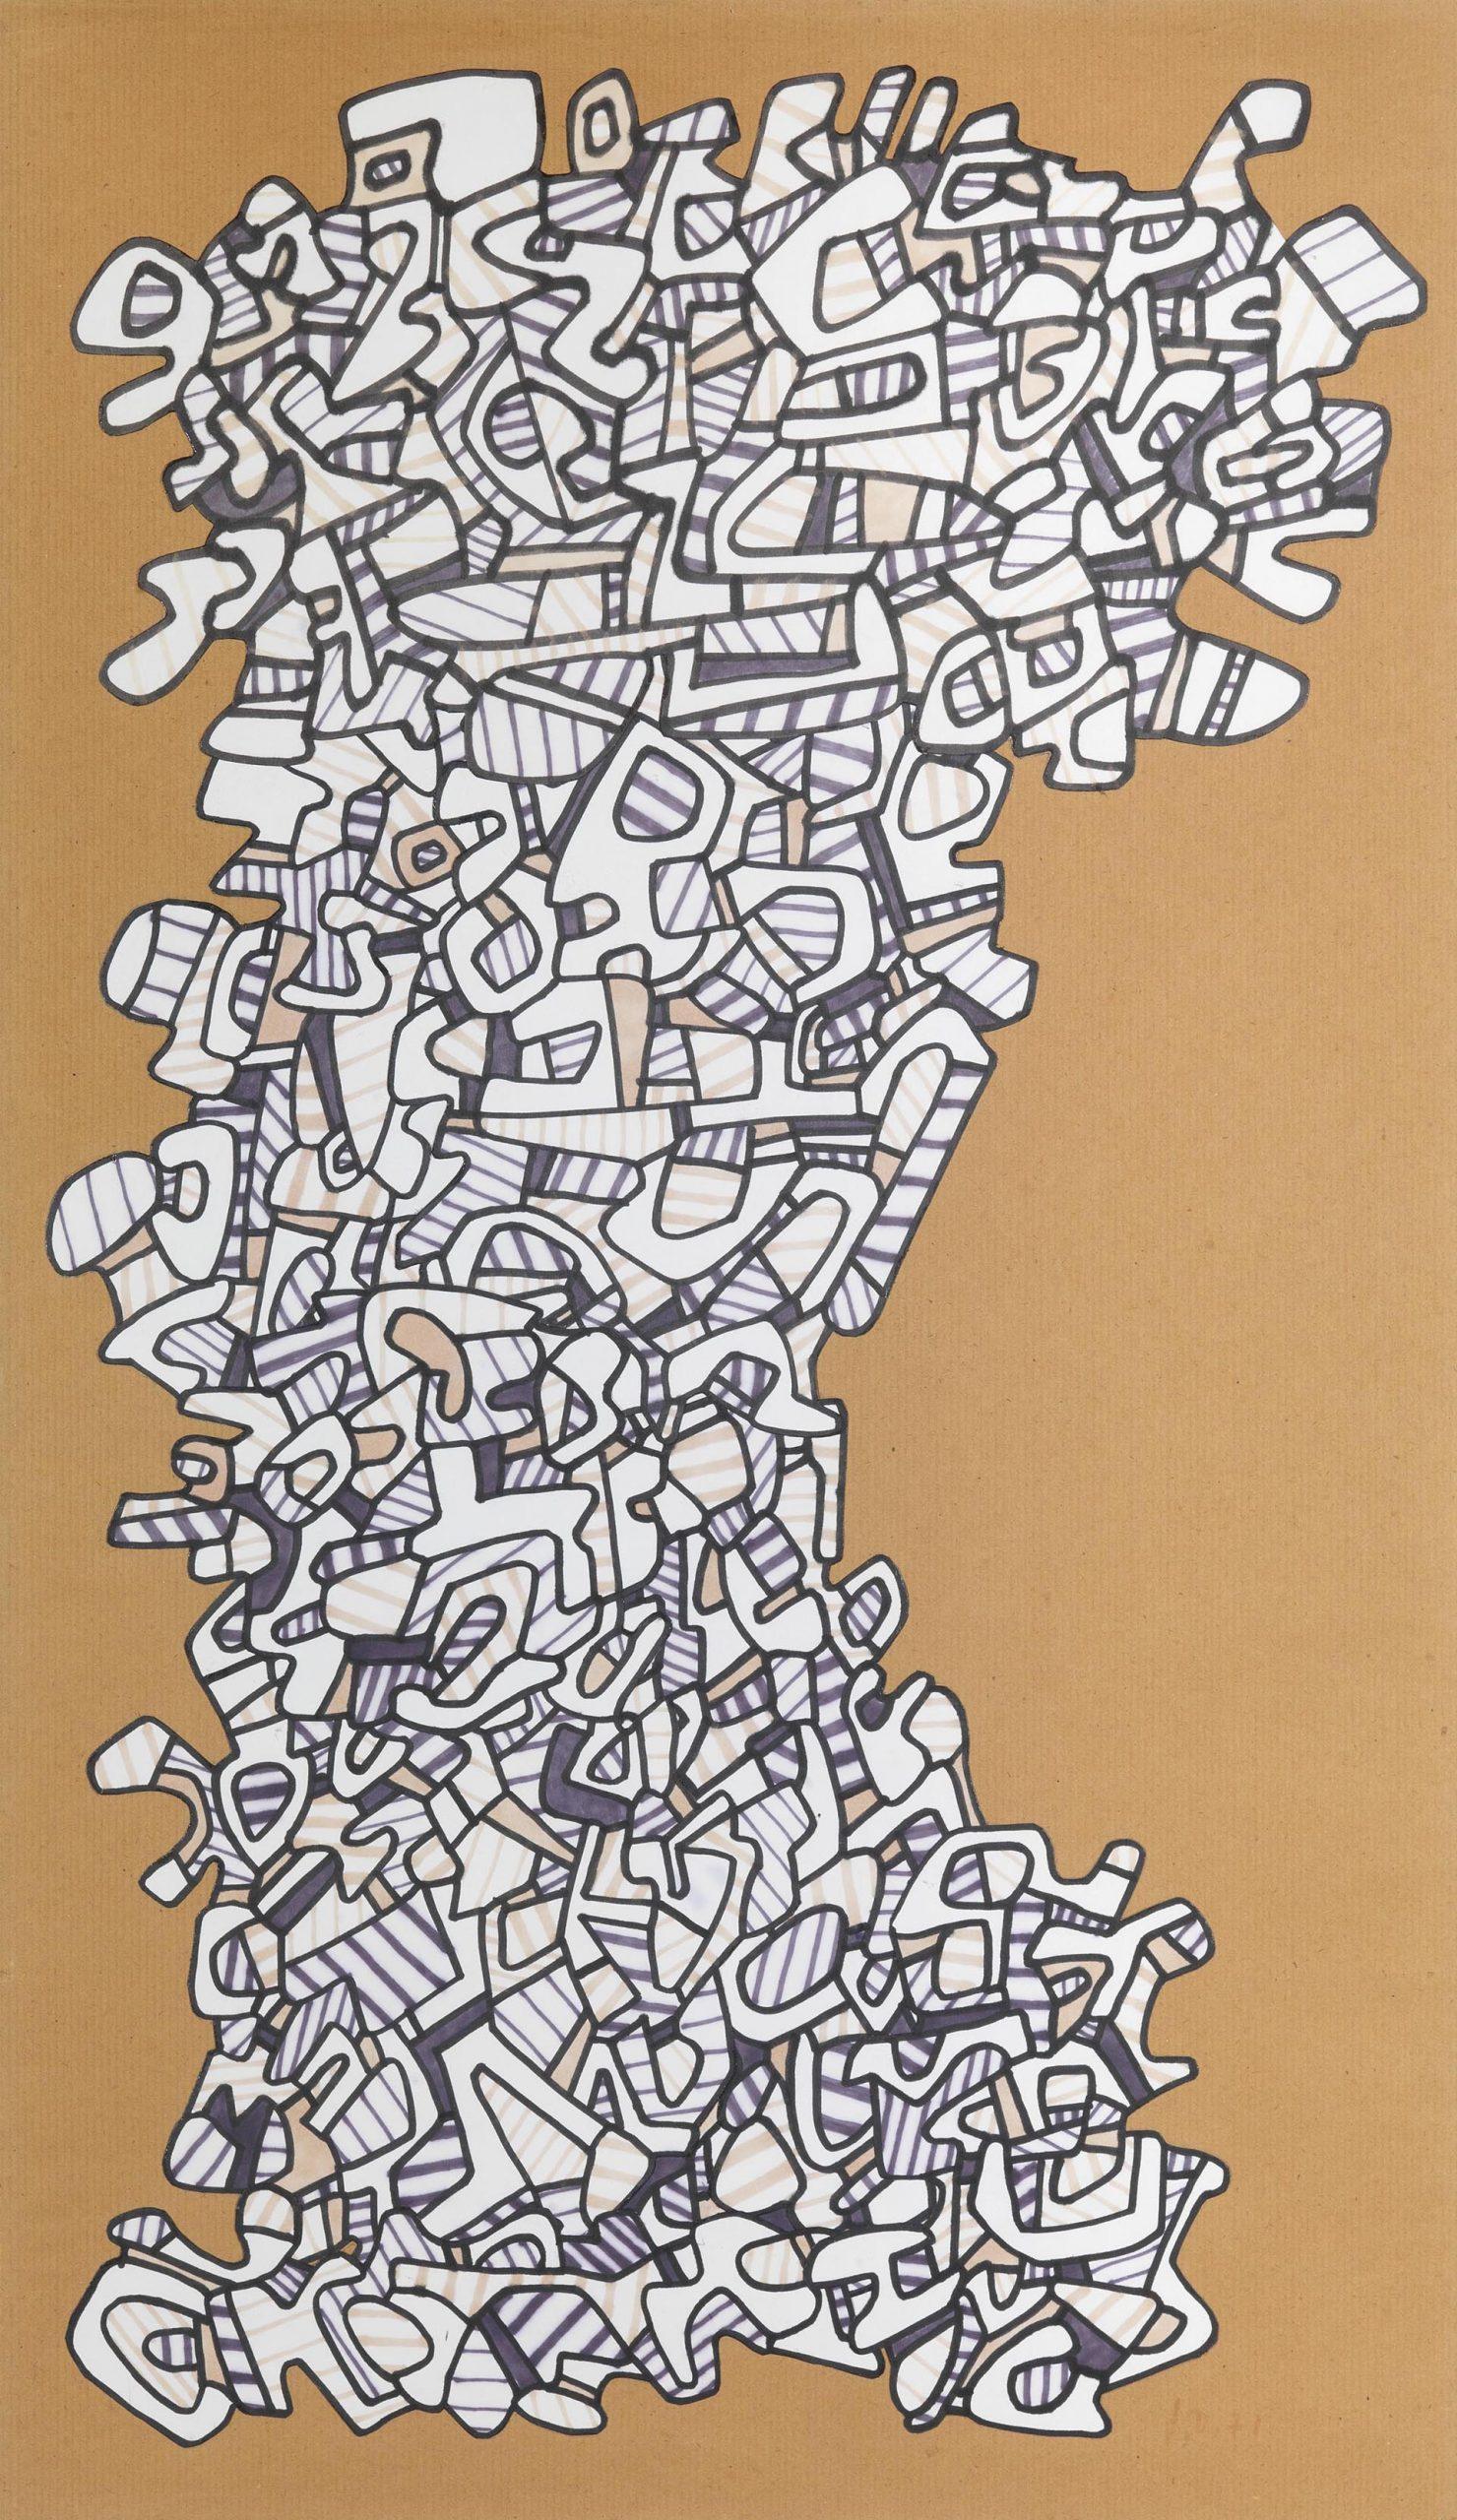 Dubuffet, Arbre logologique, 1971, 74x42.5 cm